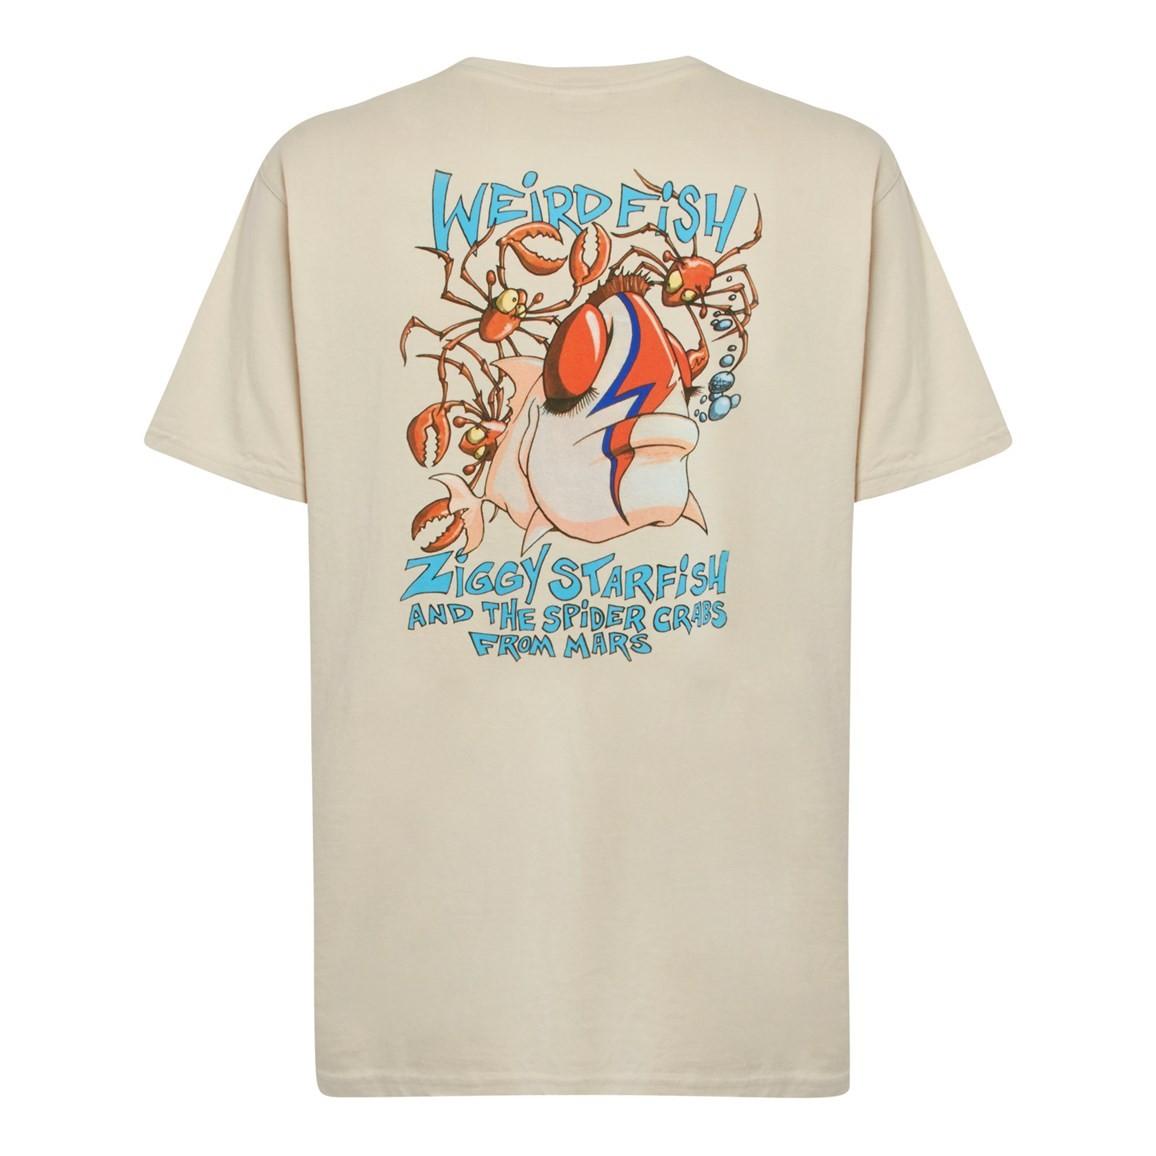 Weird Fish Ziggy Starfish Back Print Artist T-Shirt Oyster Size 2XL